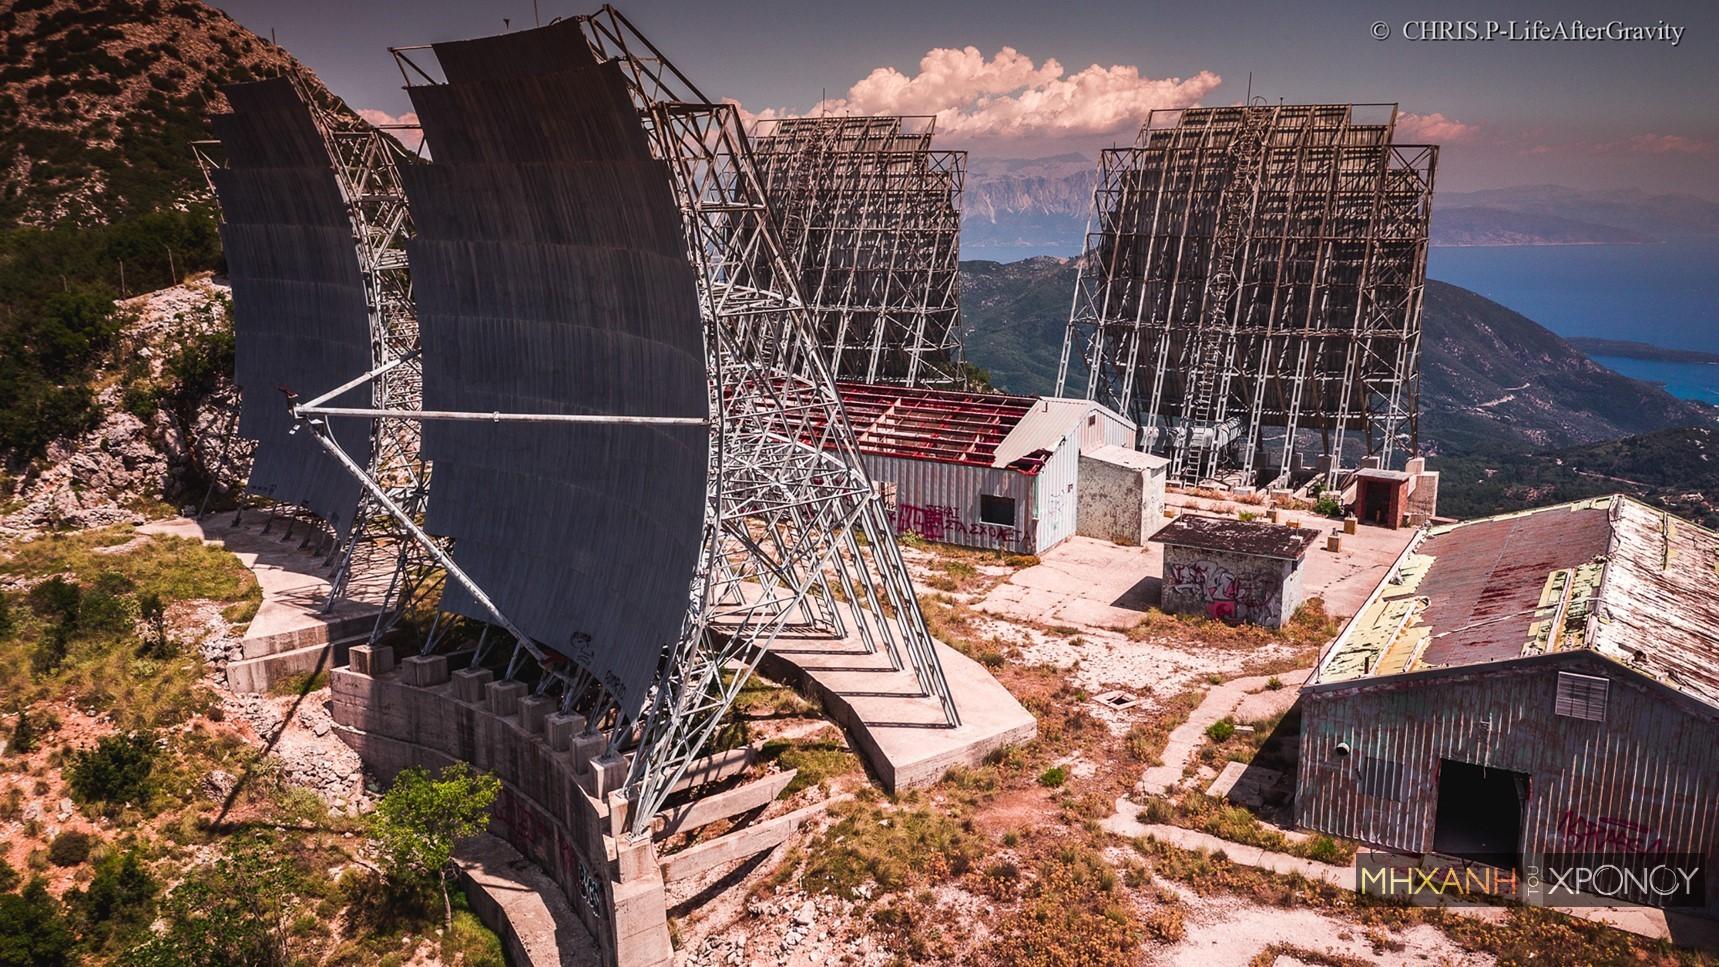 Η αμερικανική βάση-φάντασμα της Λευκάδας. Γιατί δεν έχει σκουριάσει ούτε βίδα από τα πελώρια ραντάρ (drone)